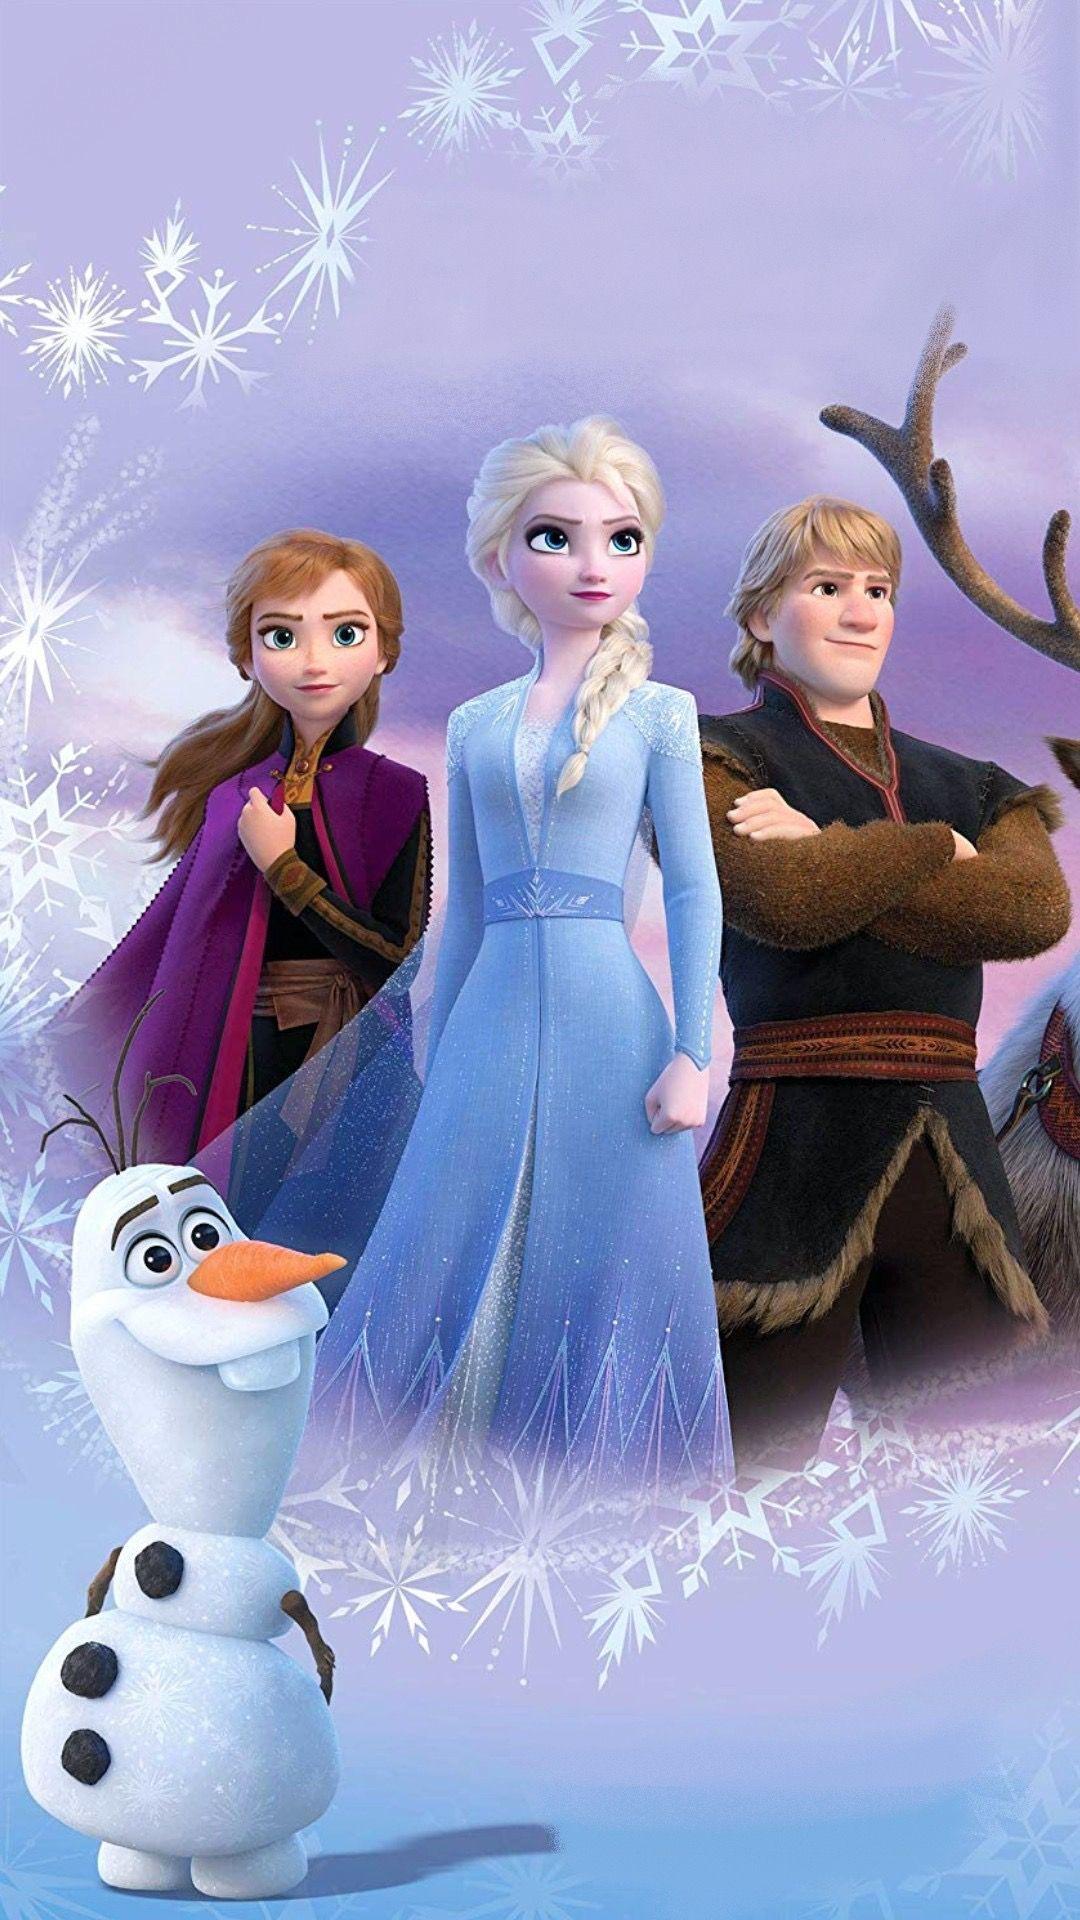 Descargar Fondos De Pantalla Frozen 2 Hd Fondo De Pantalla De Frozen Princesa Congelada Fotos De Princesa